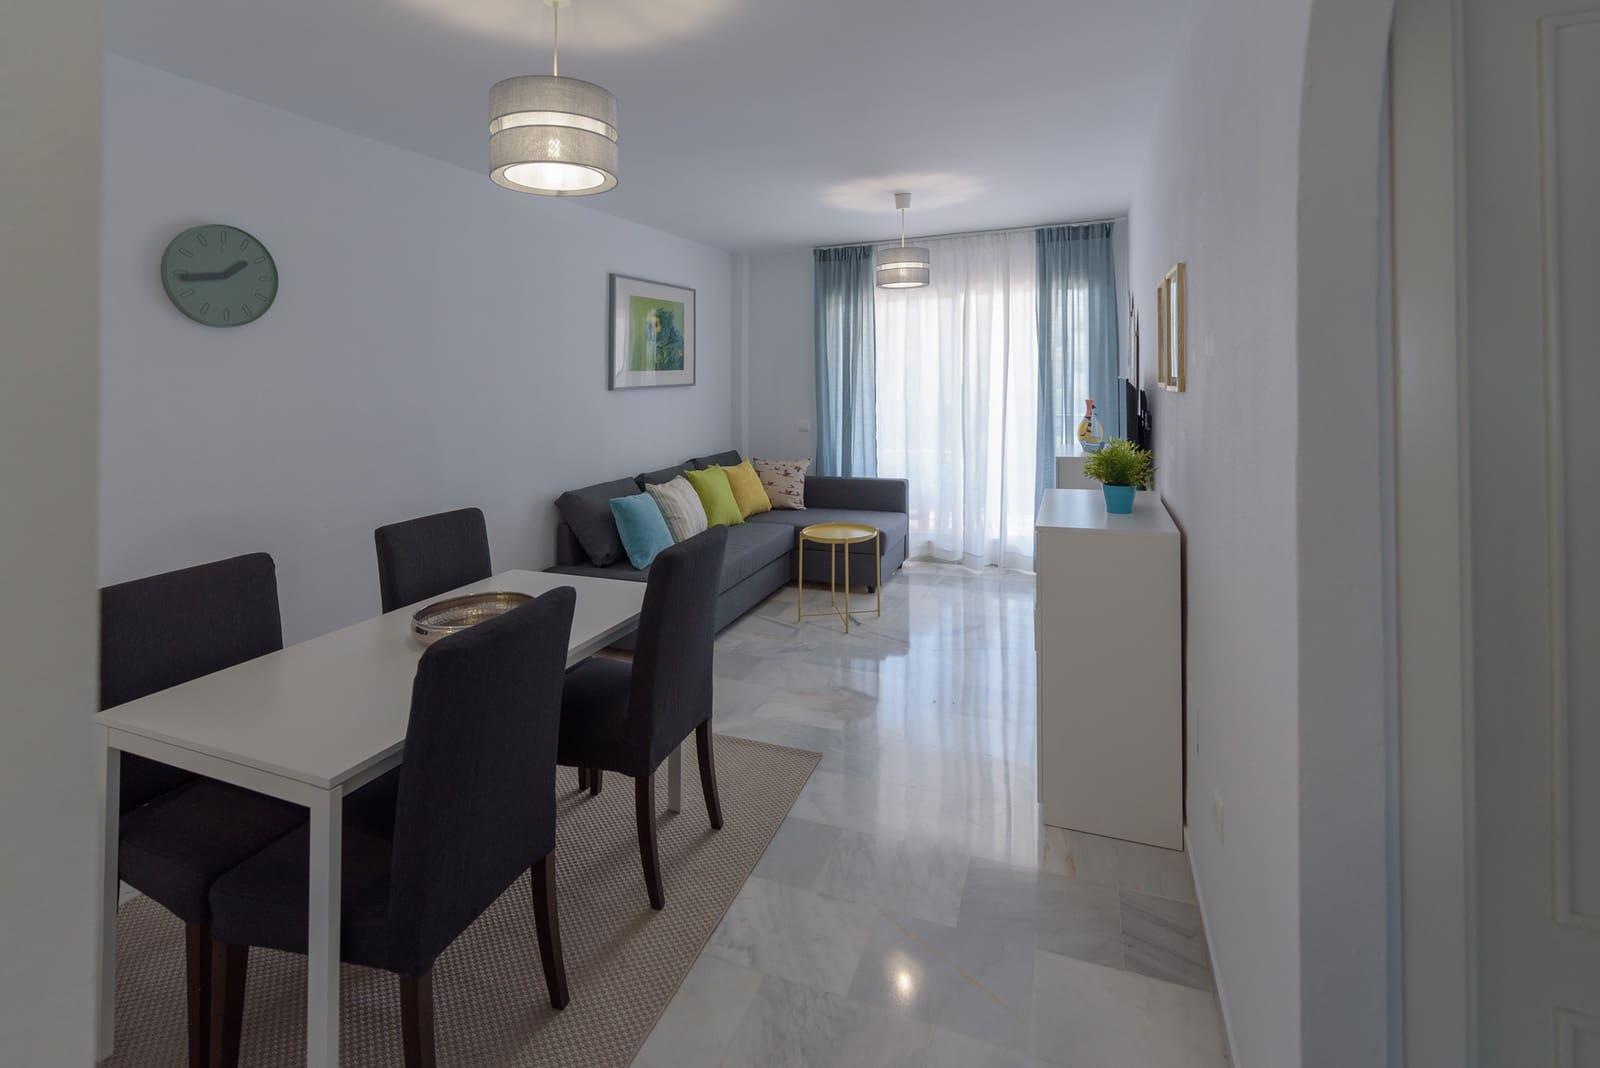 2 bedroom Apartment for rent in La Cala de Mijas with pool - € 650 (Ref: 4100940)